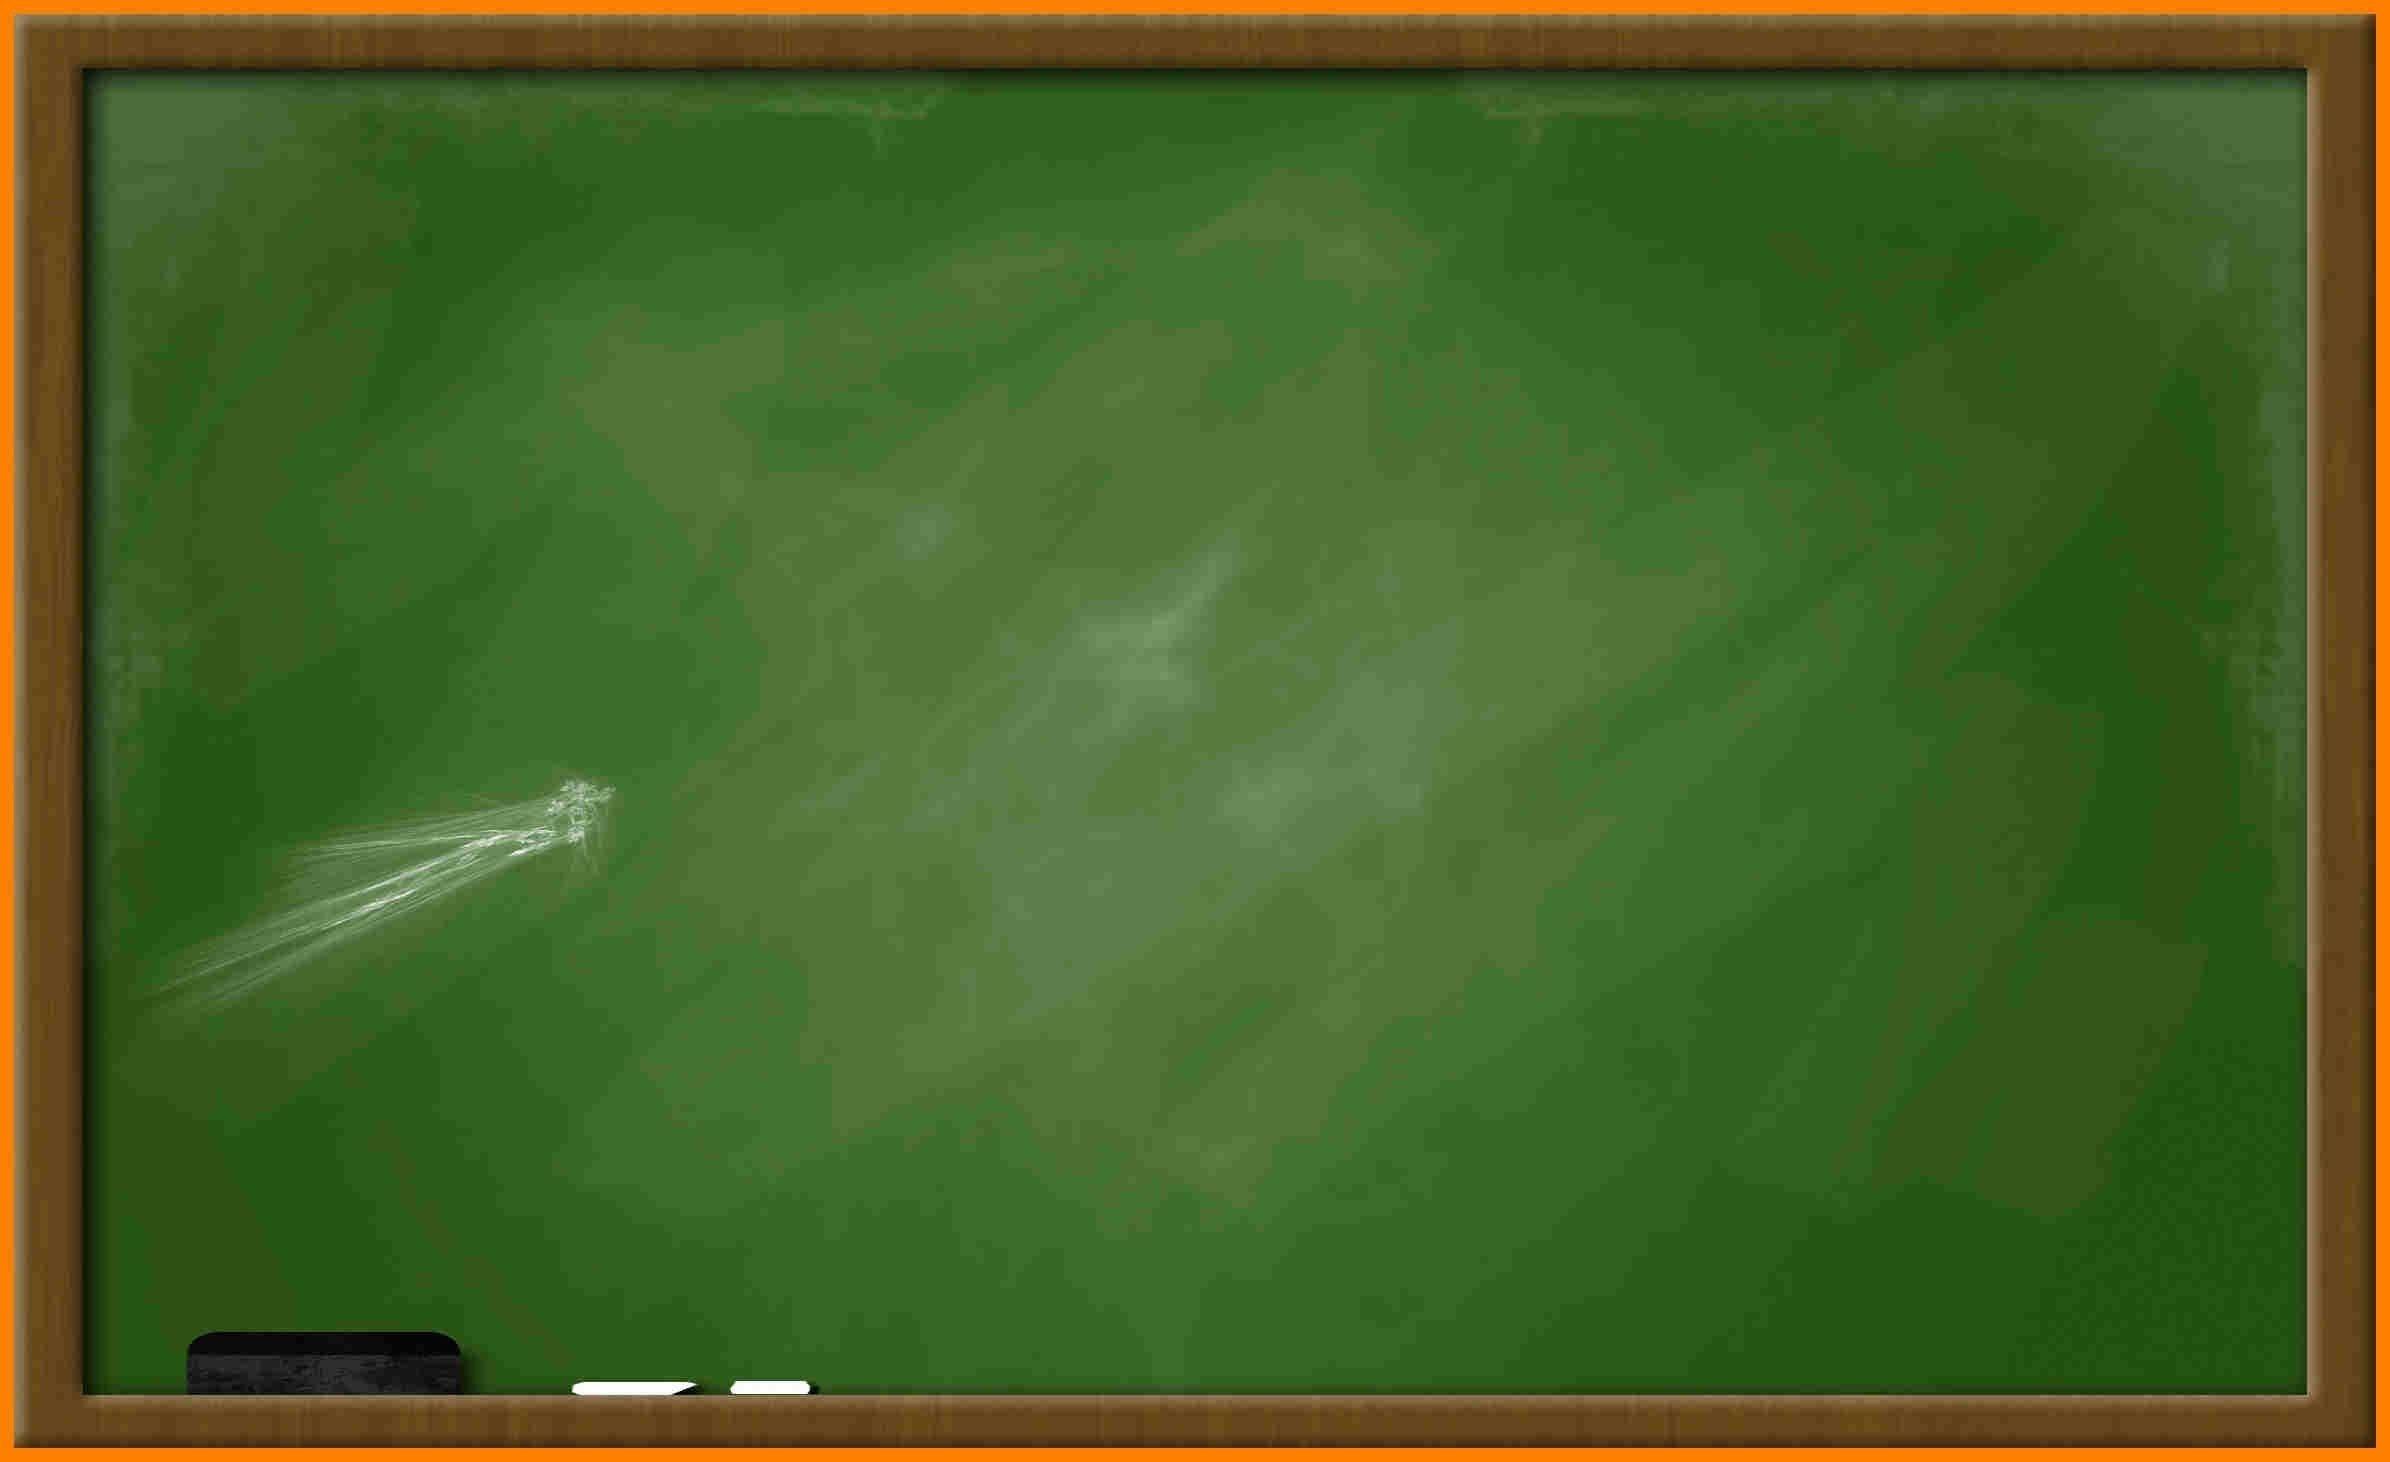 Blackboard clipart science. Chalkboard effect powerpoint incep